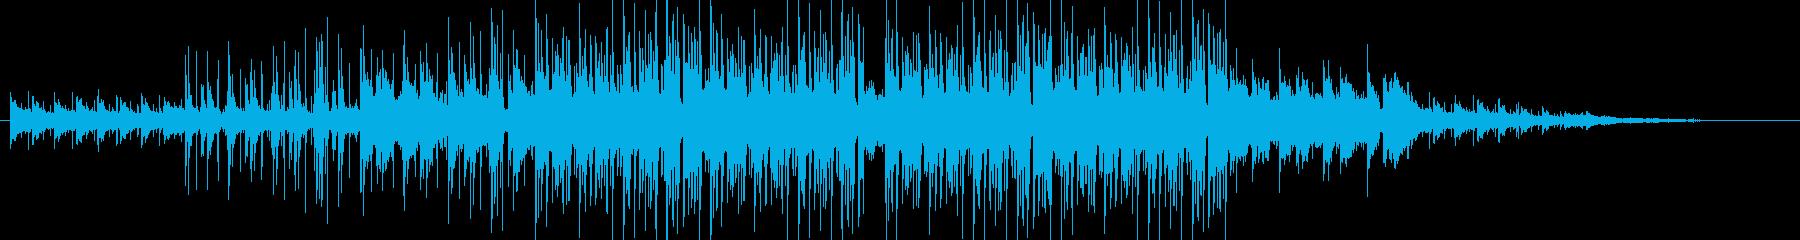 リラックスしたBGMの再生済みの波形